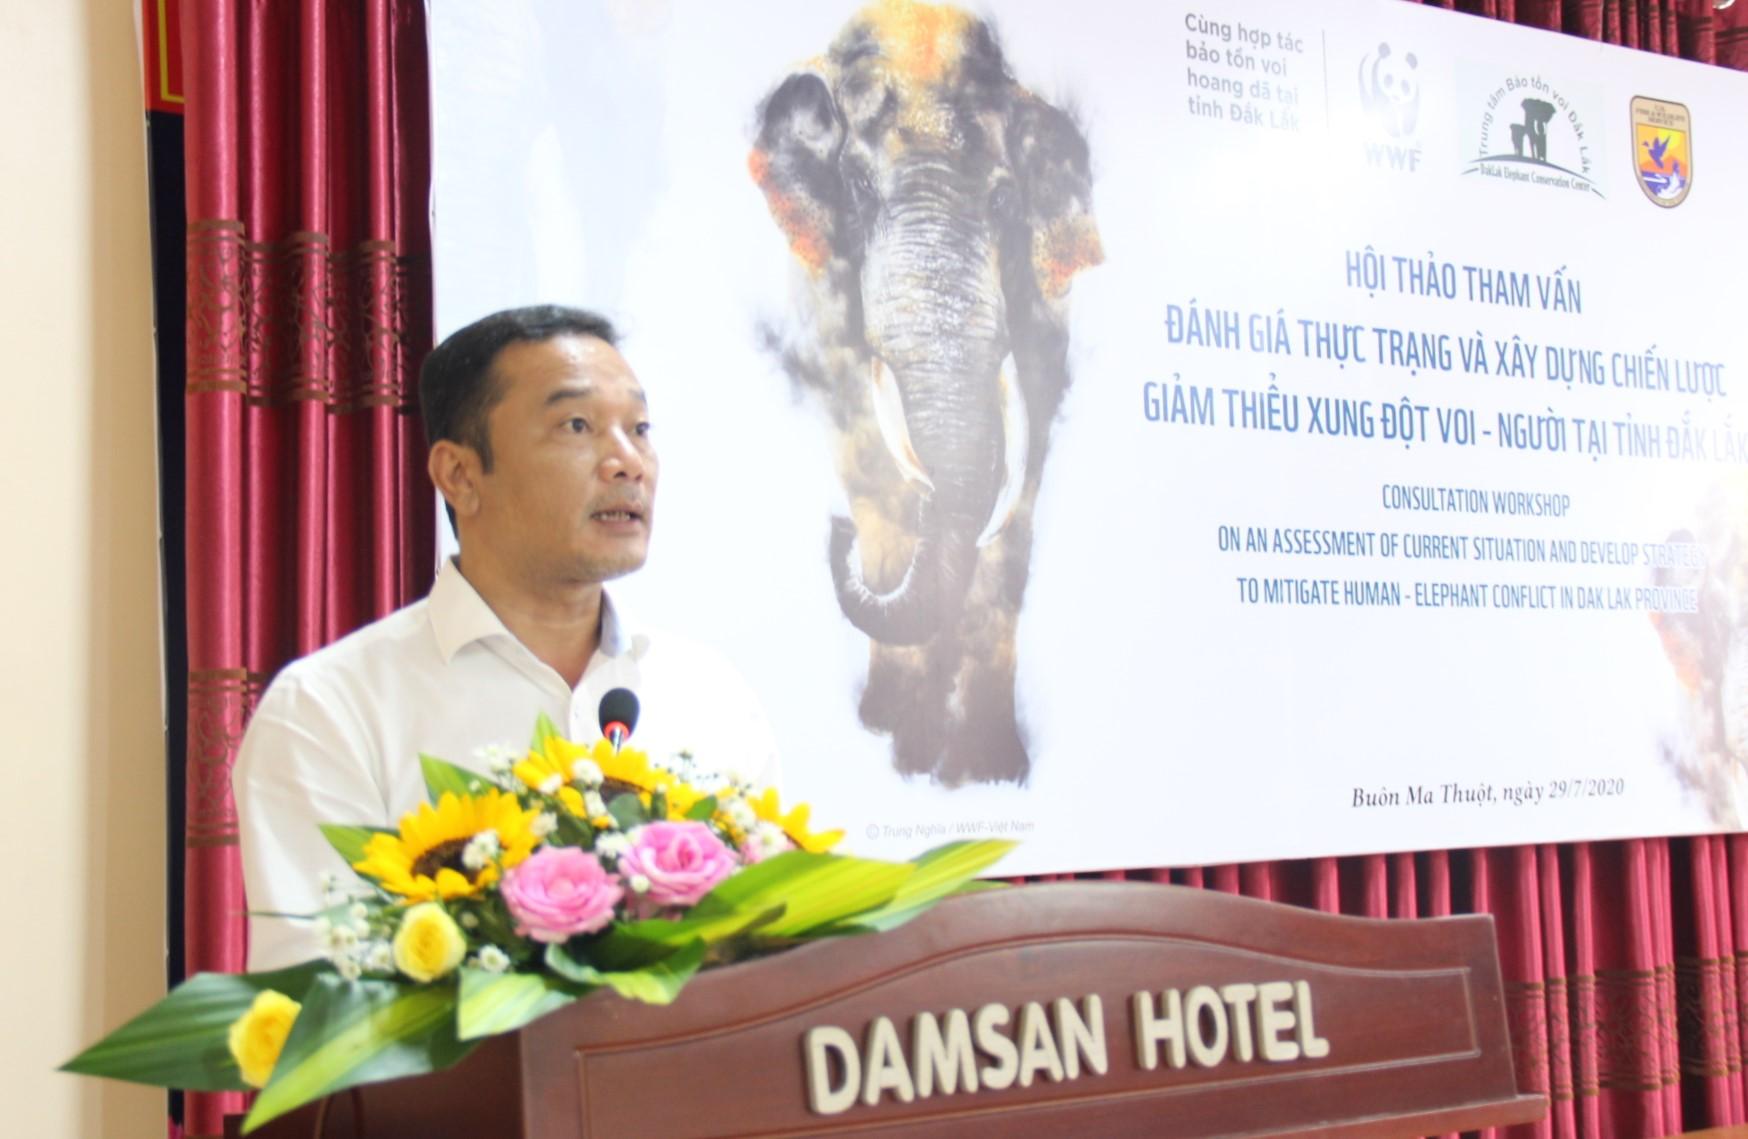 Đánh giá thực trạng và xây dựng chiến lược giảm thiểu xung đột voi – người tại Đắk Lắk